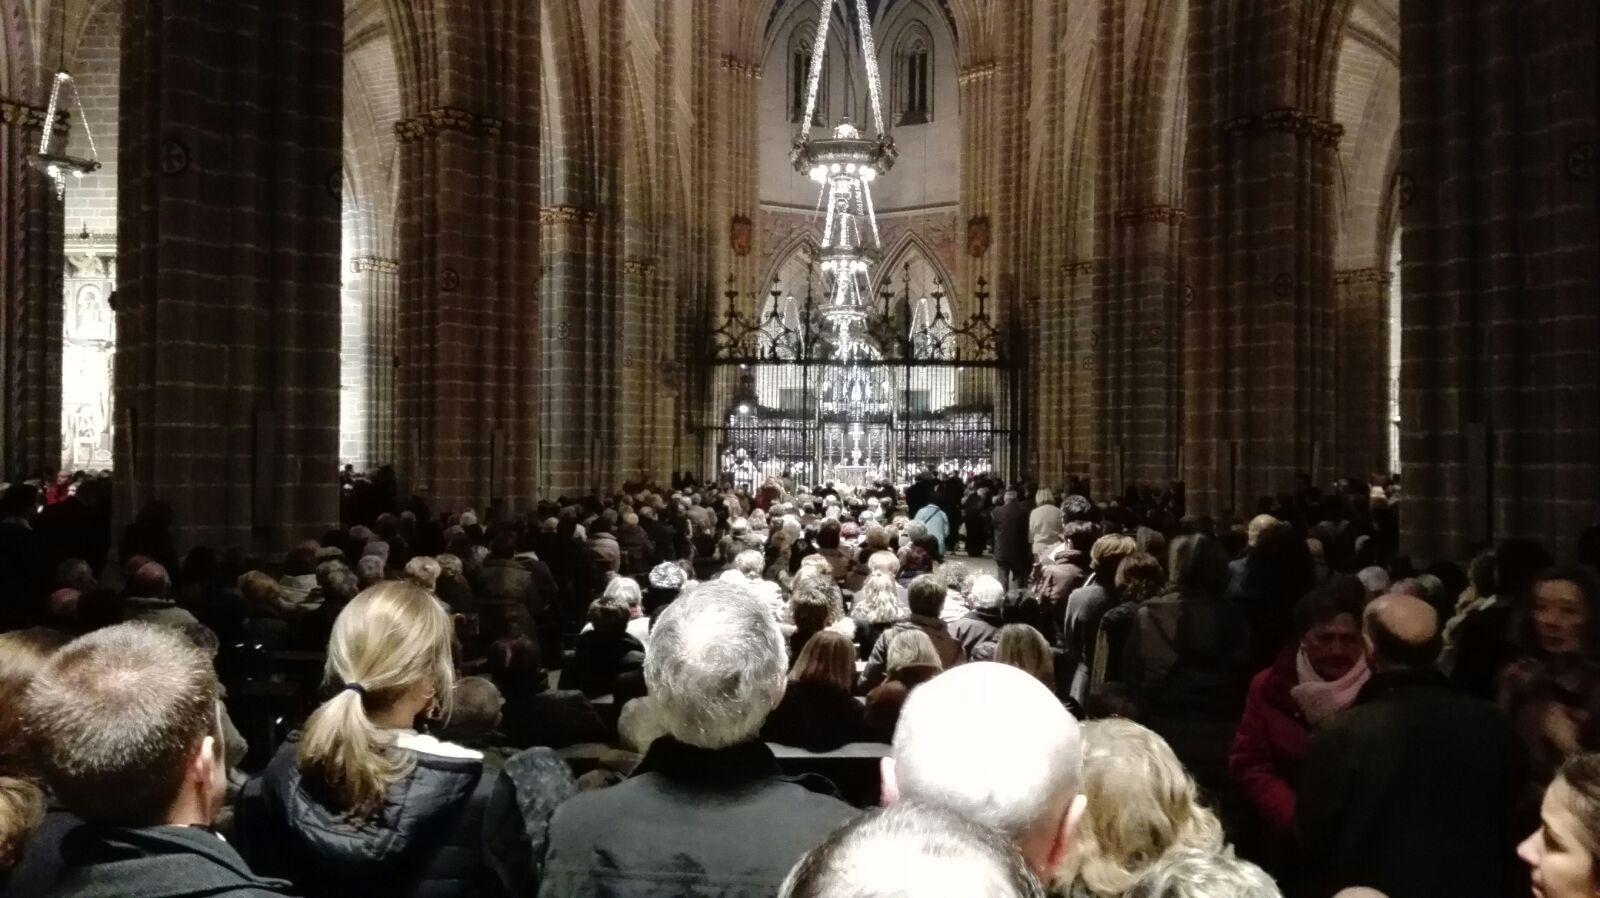 27/11 - Milhares encheram a Catedral de Pamplona em Missa de desagravo por profanação Eucarística